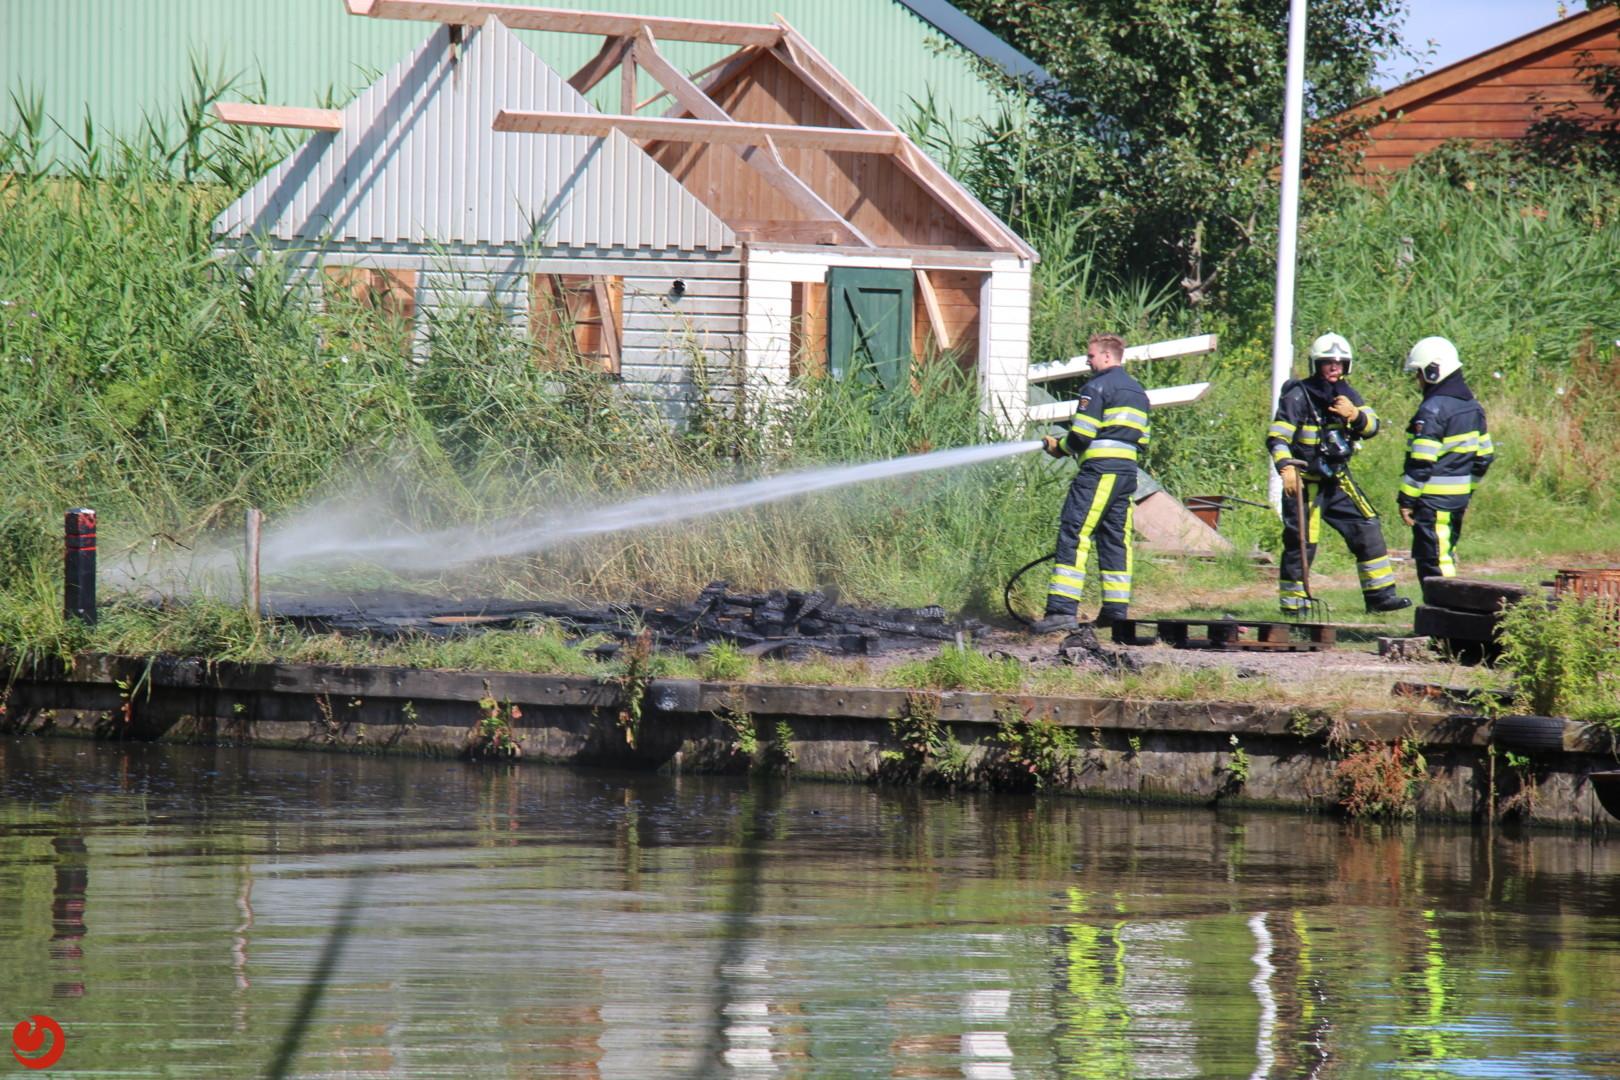 Buitenbrand bij water scouting